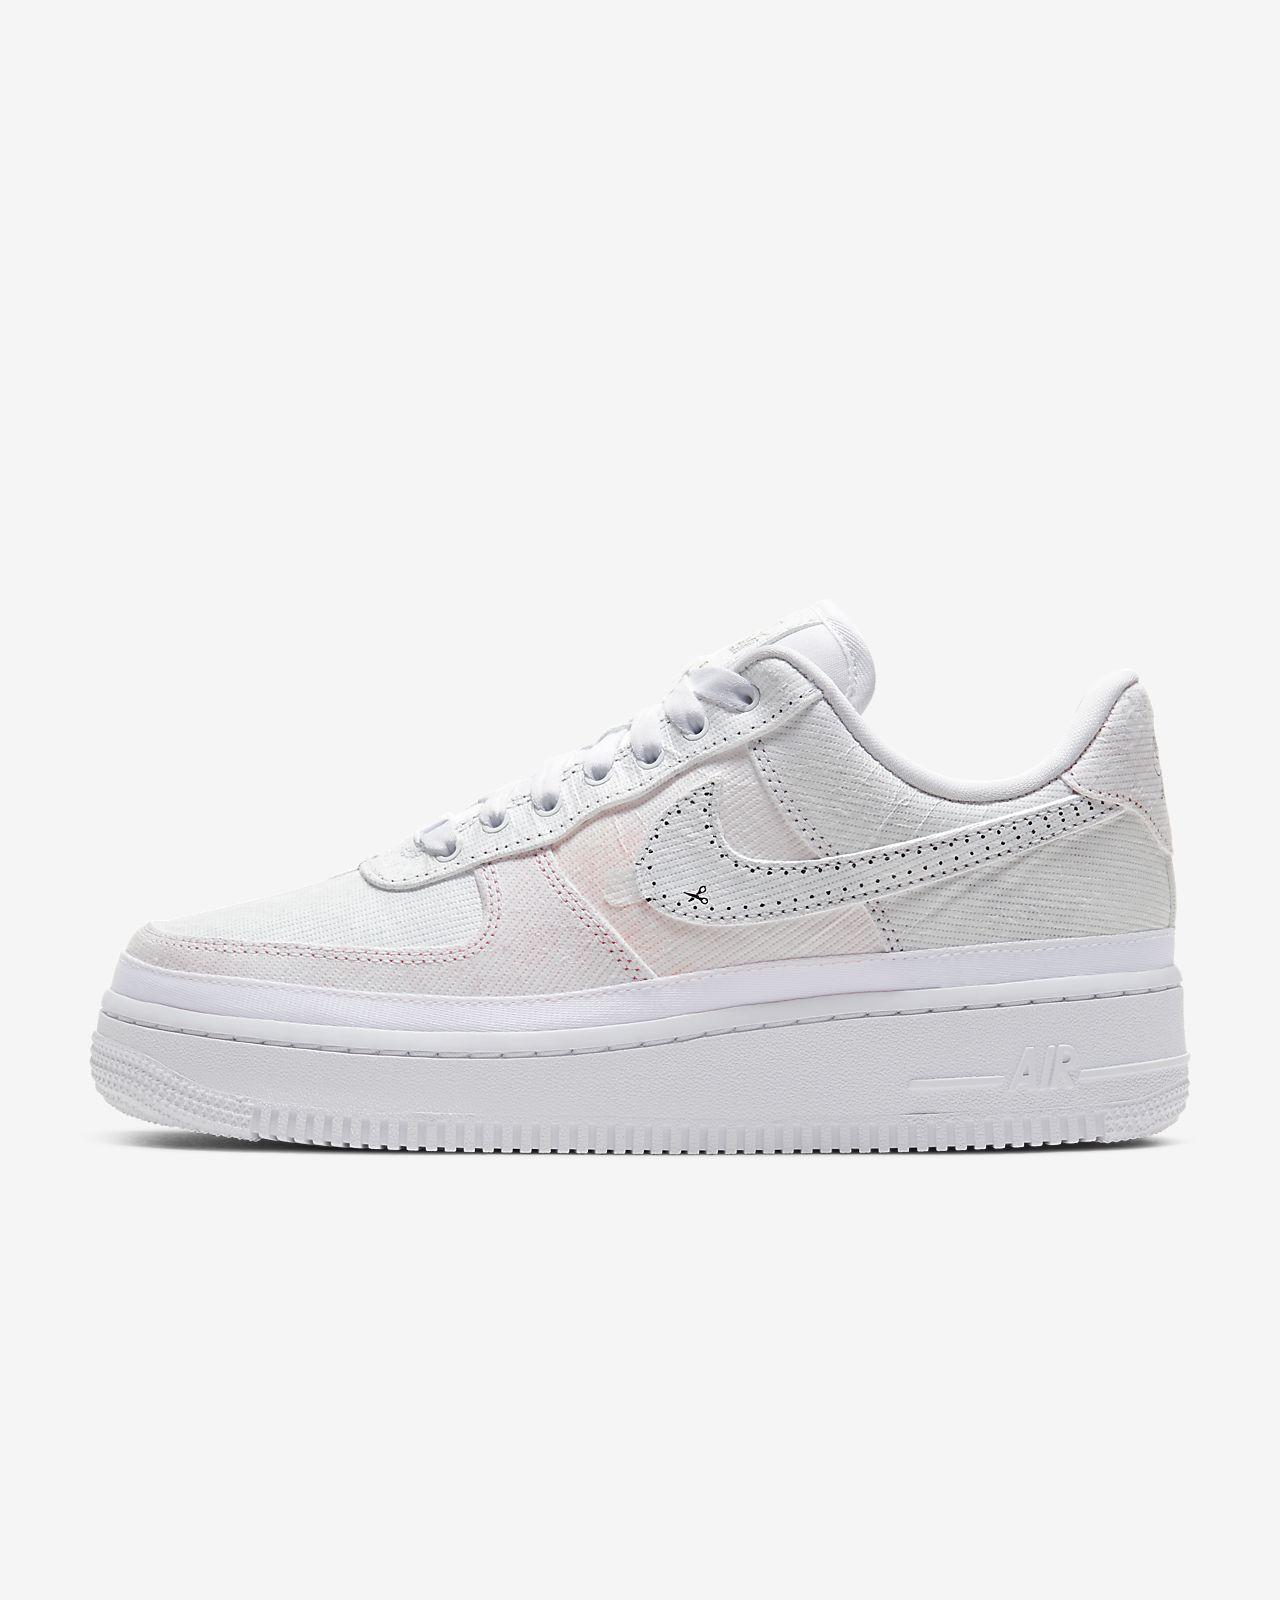 รองเท้าผู้หญิง Nike Air Force 1 '07 Luxe